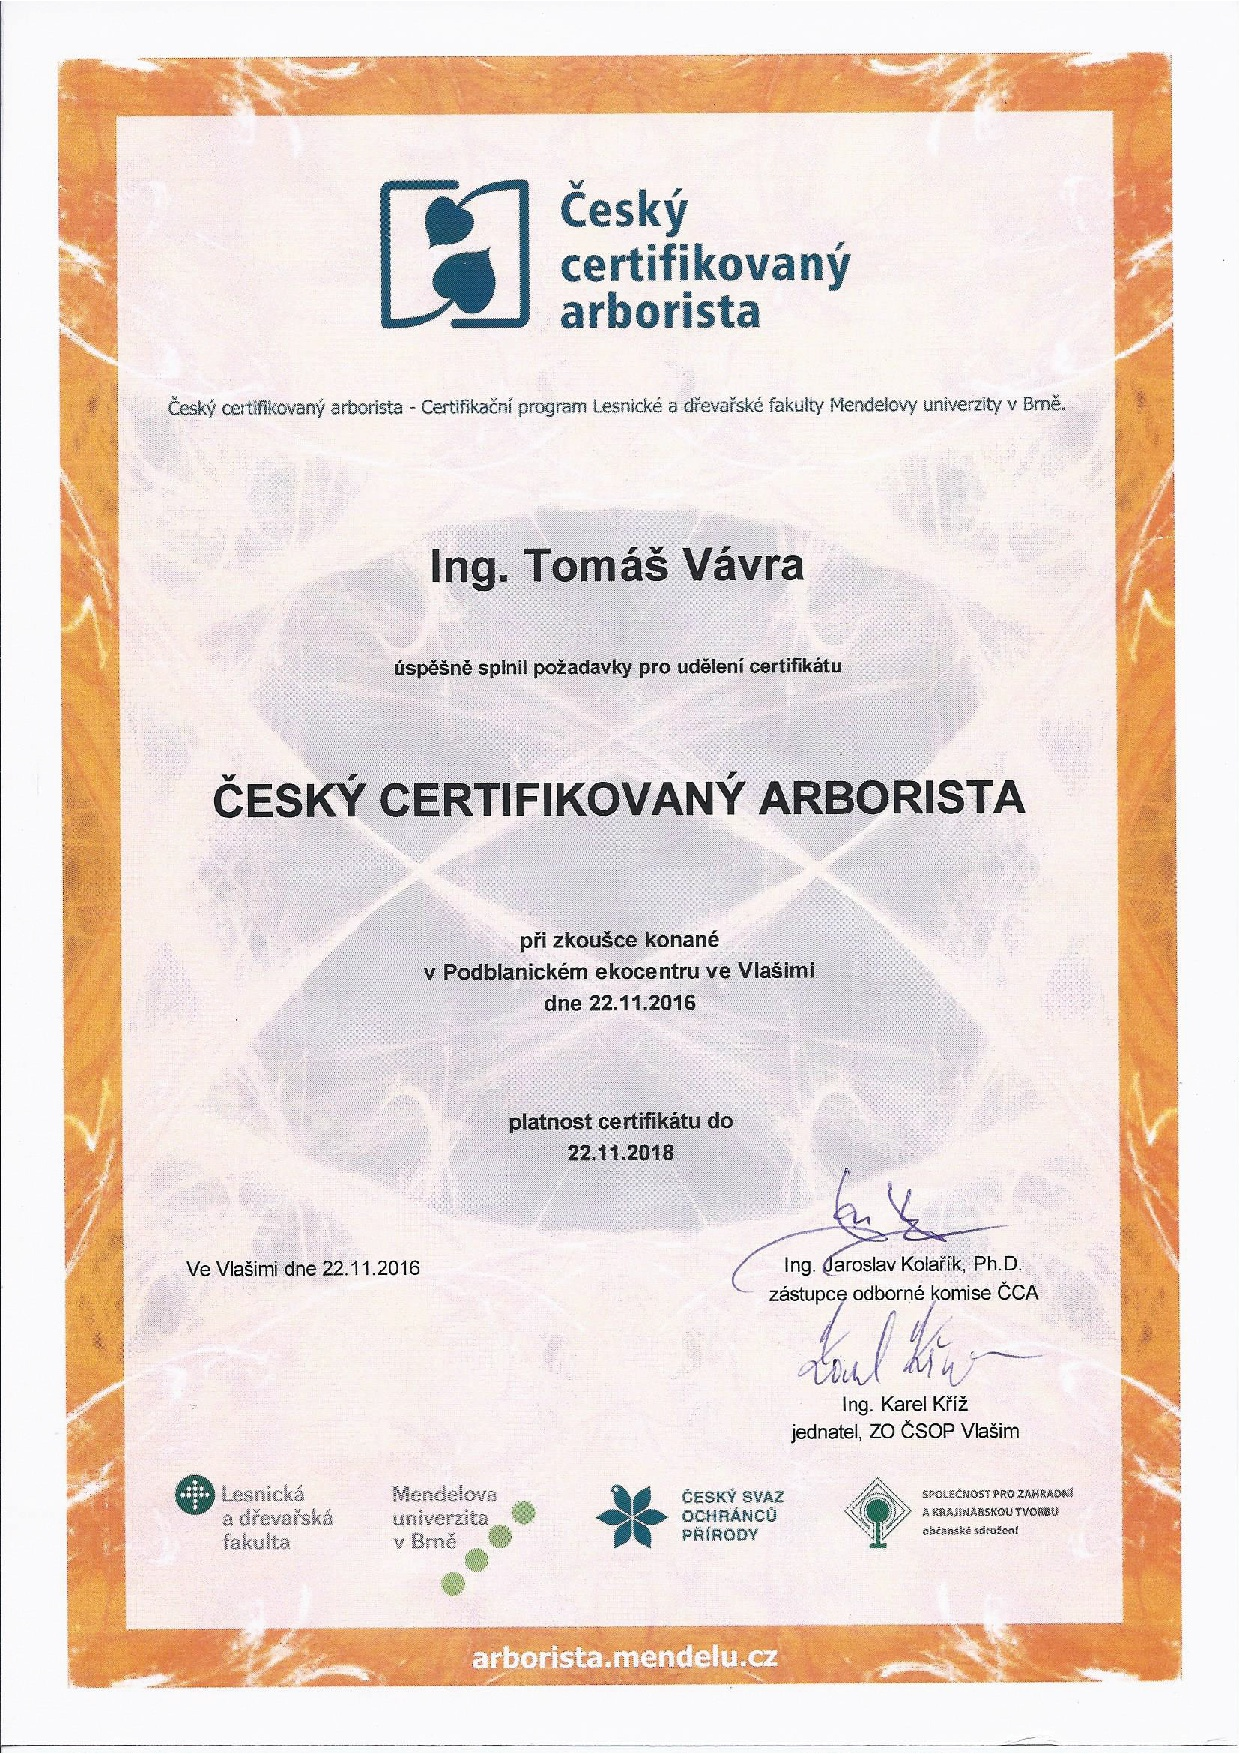 český certifikovaný arborista